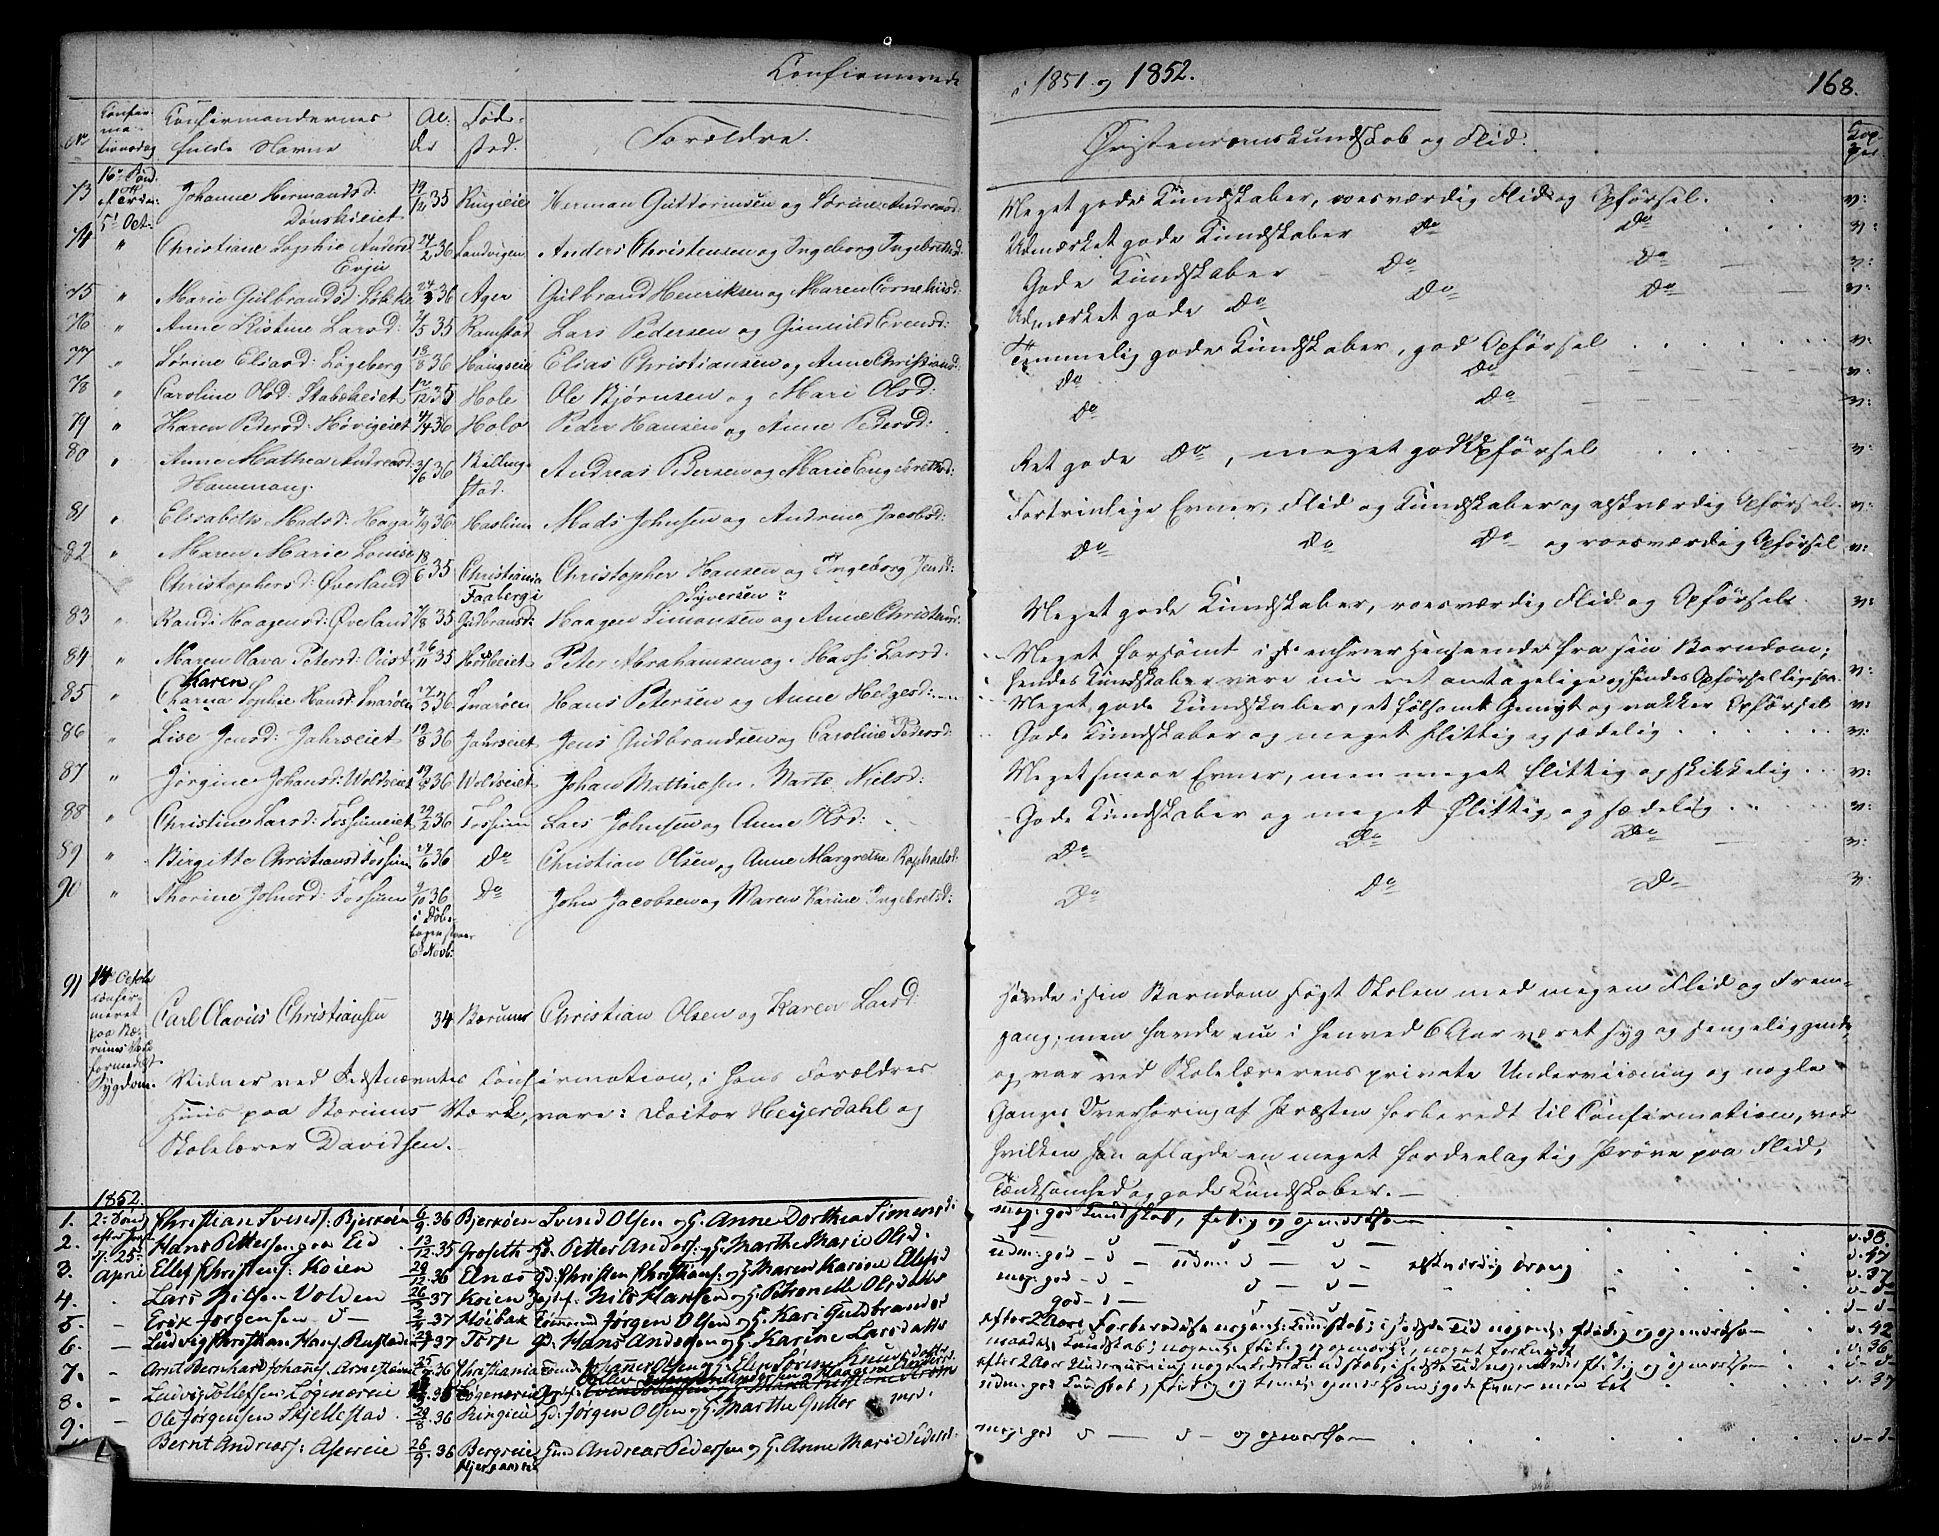 SAO, Asker prestekontor Kirkebøker, F/Fa/L0009: Ministerialbok nr. I 9, 1825-1878, s. 168